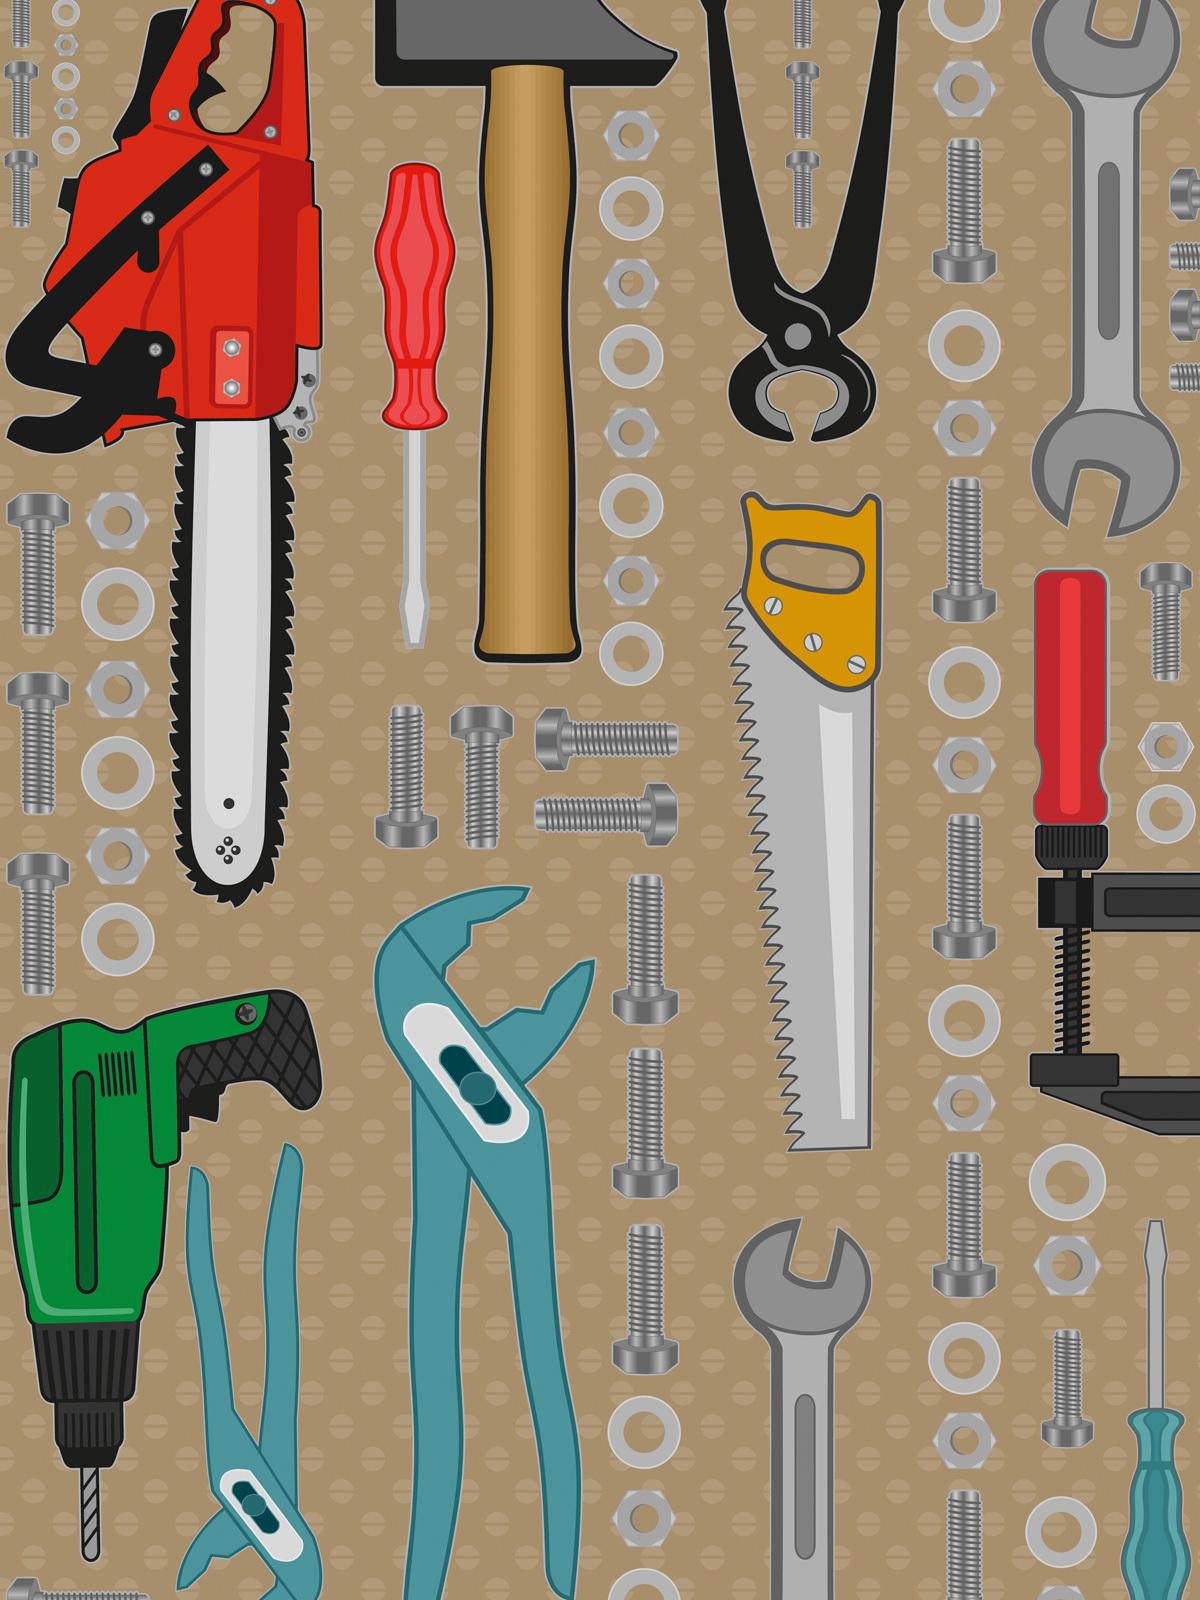 Kinderzimmer Tapete - viele verschiedene Werkzeuge